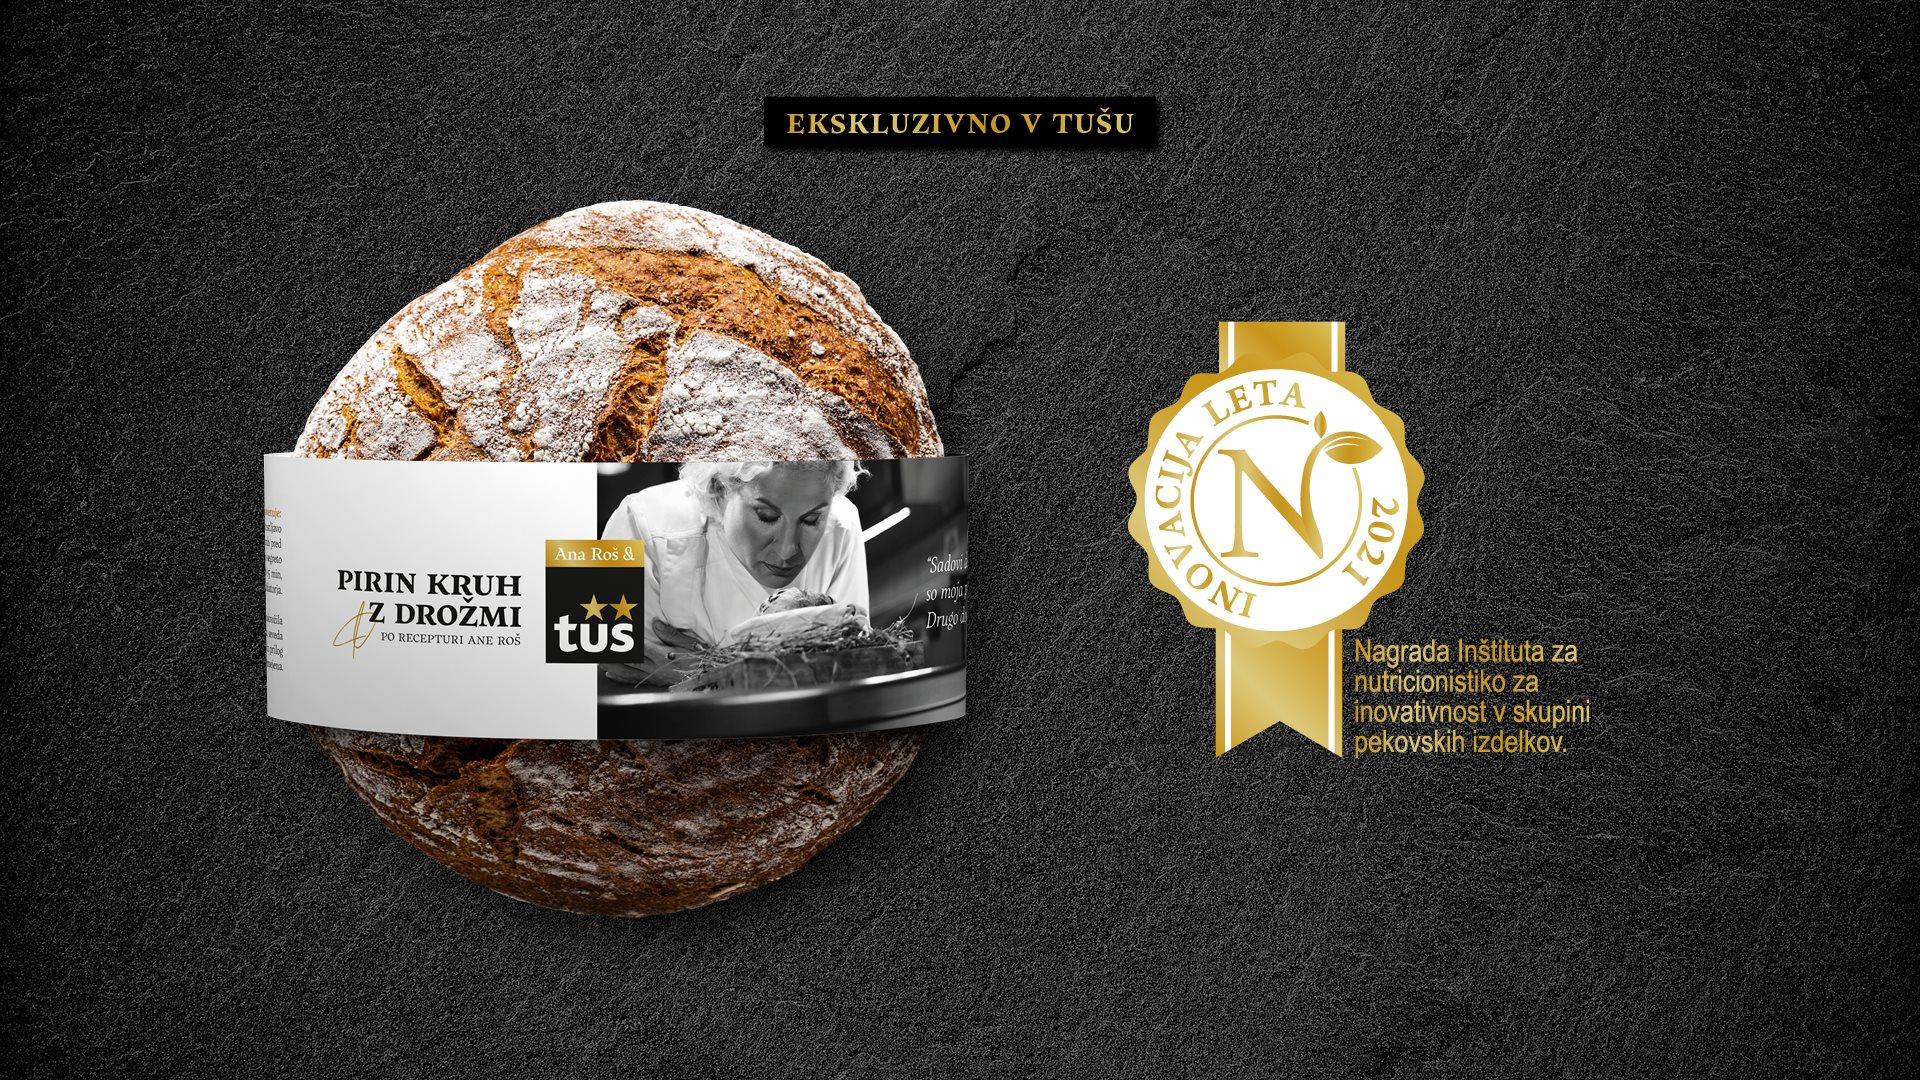 pirin kruh